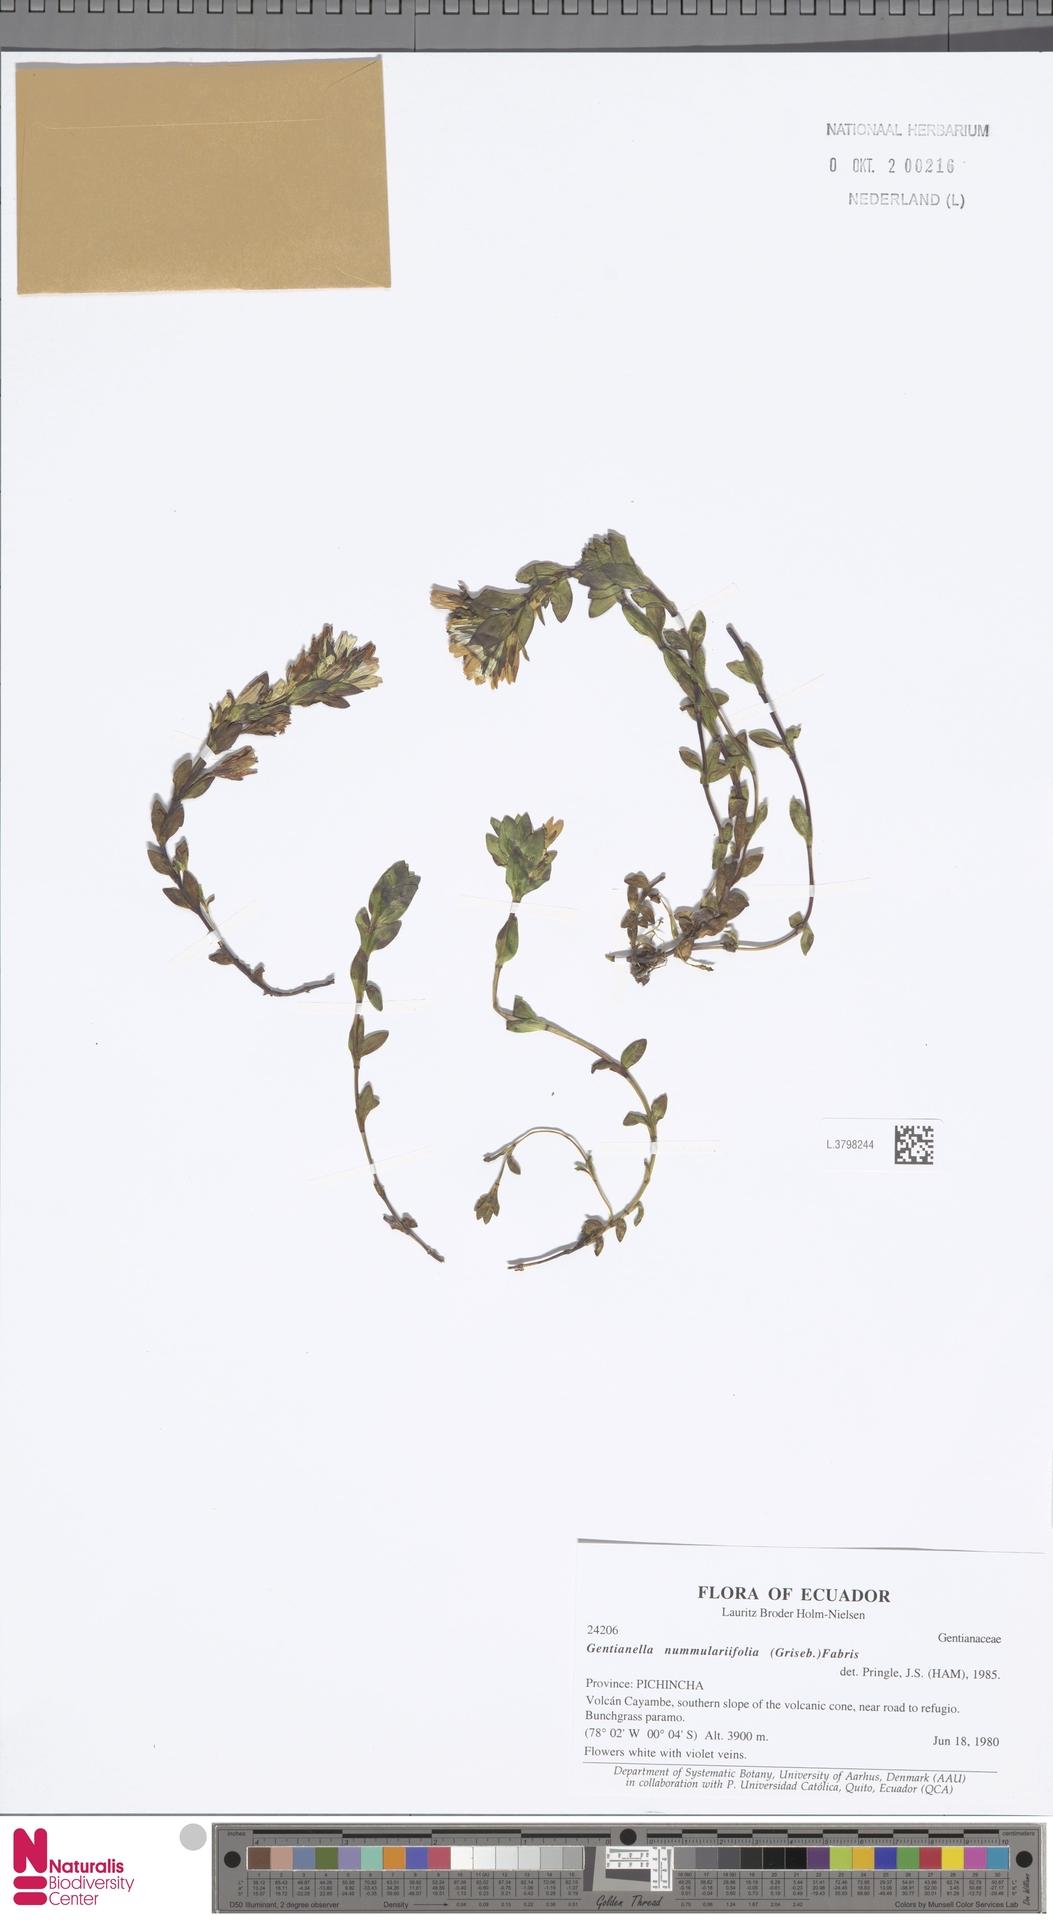 L.3798244 | Gentianella nummularifolia (Griseb.) Fabris